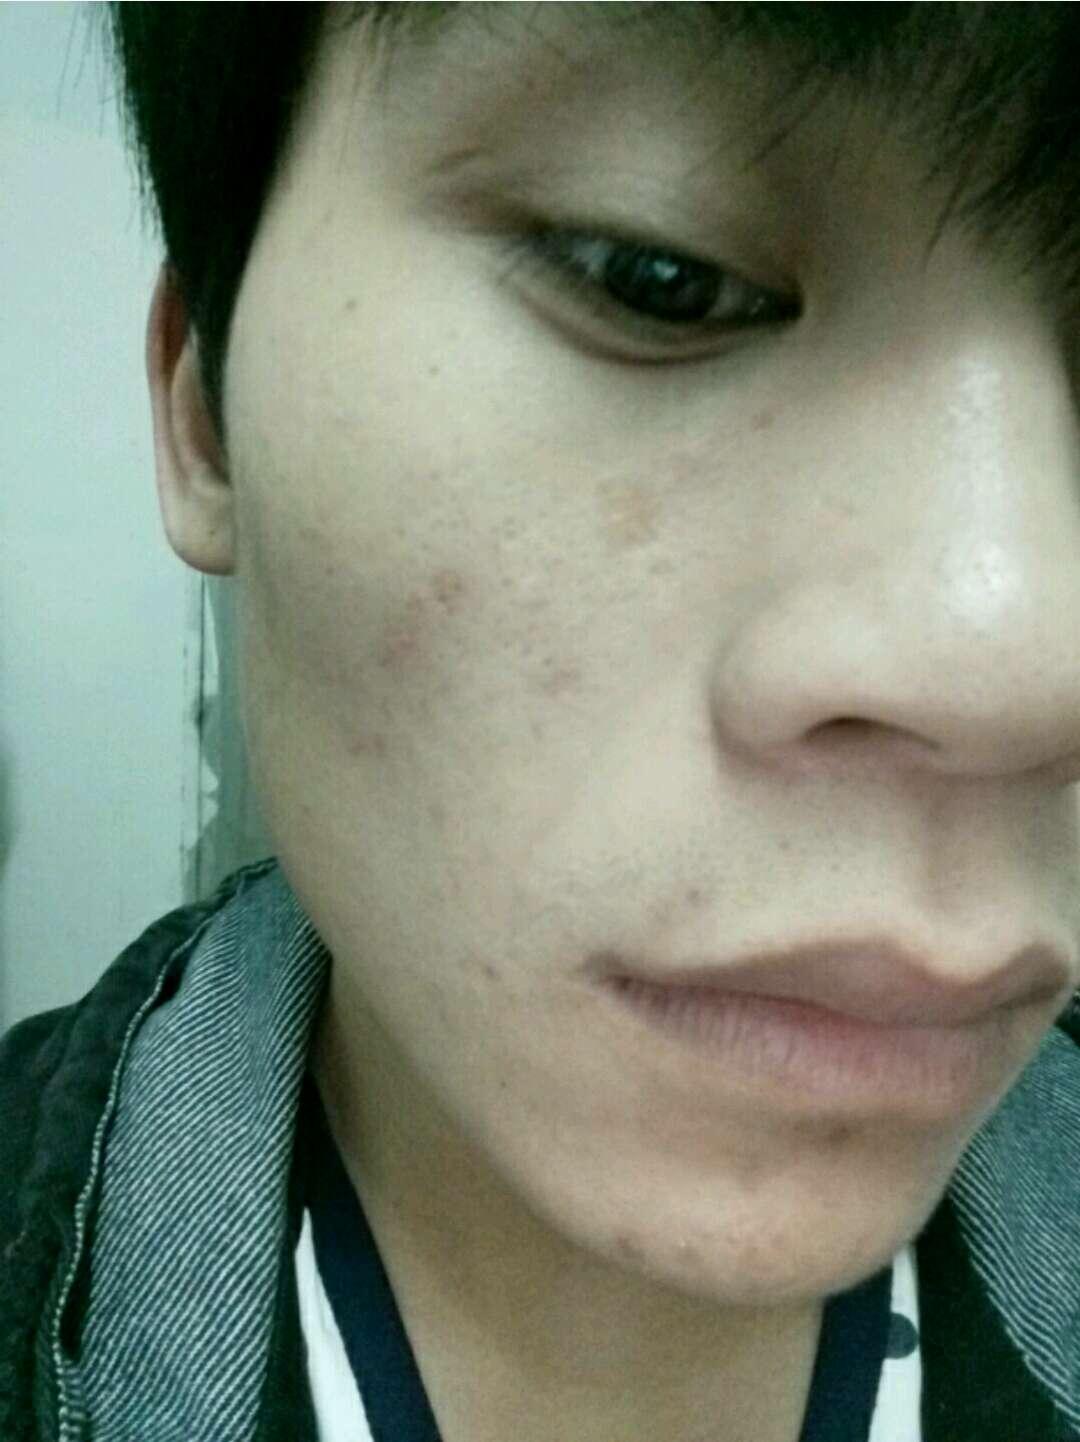 祛痣留疤怎么办,我脸上的疤痕是以前酸腐蚀去痣留下的,有五年了,能去掉么?